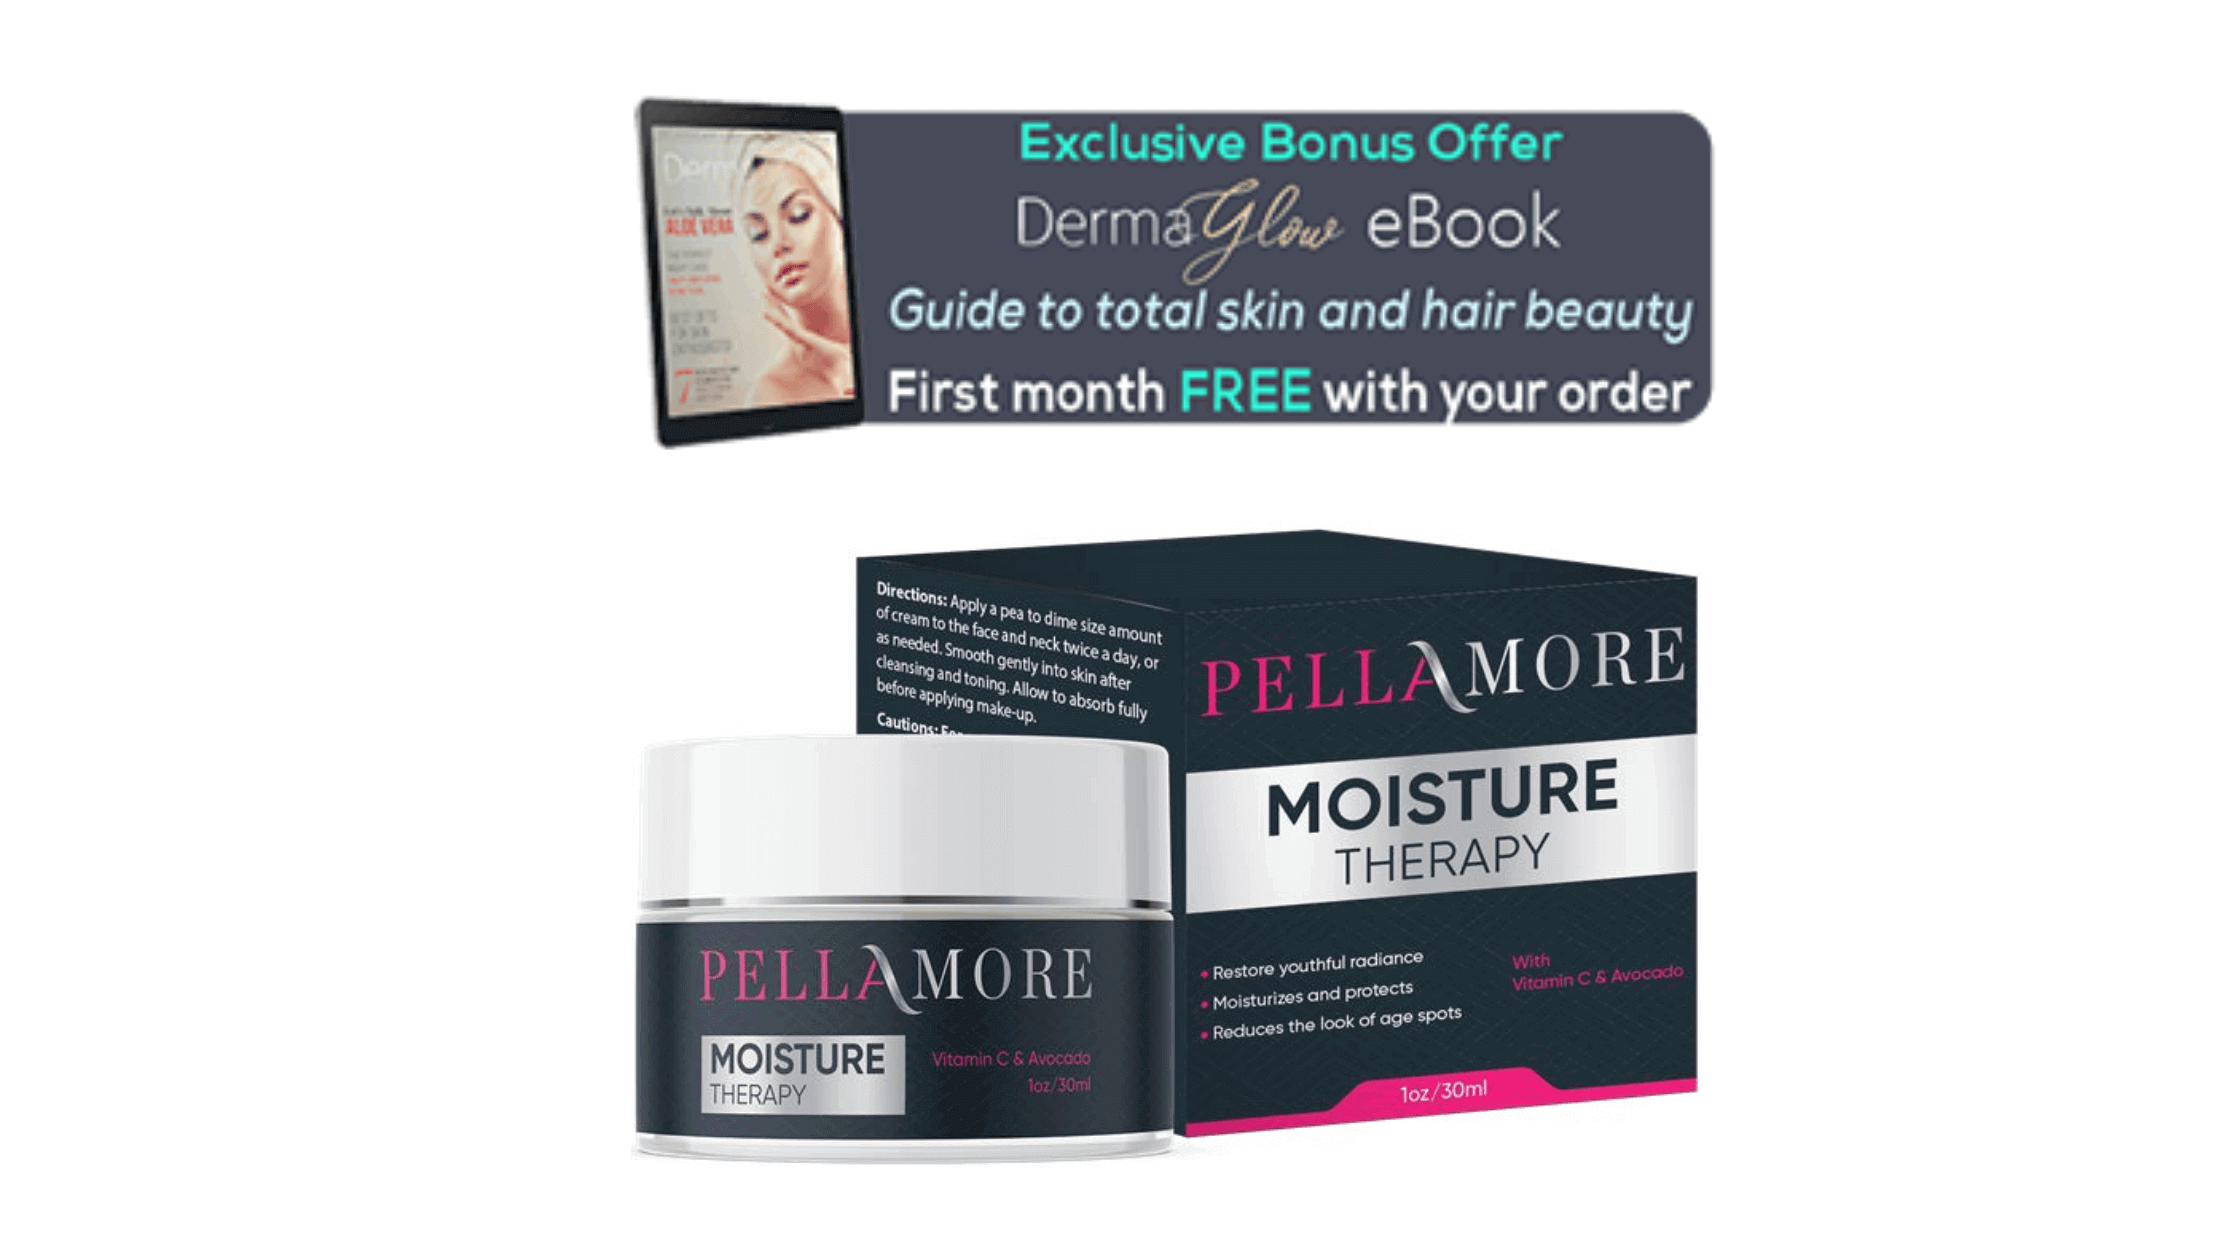 Pellamore Moisture Therapy Bonus-DermaGlow eBook